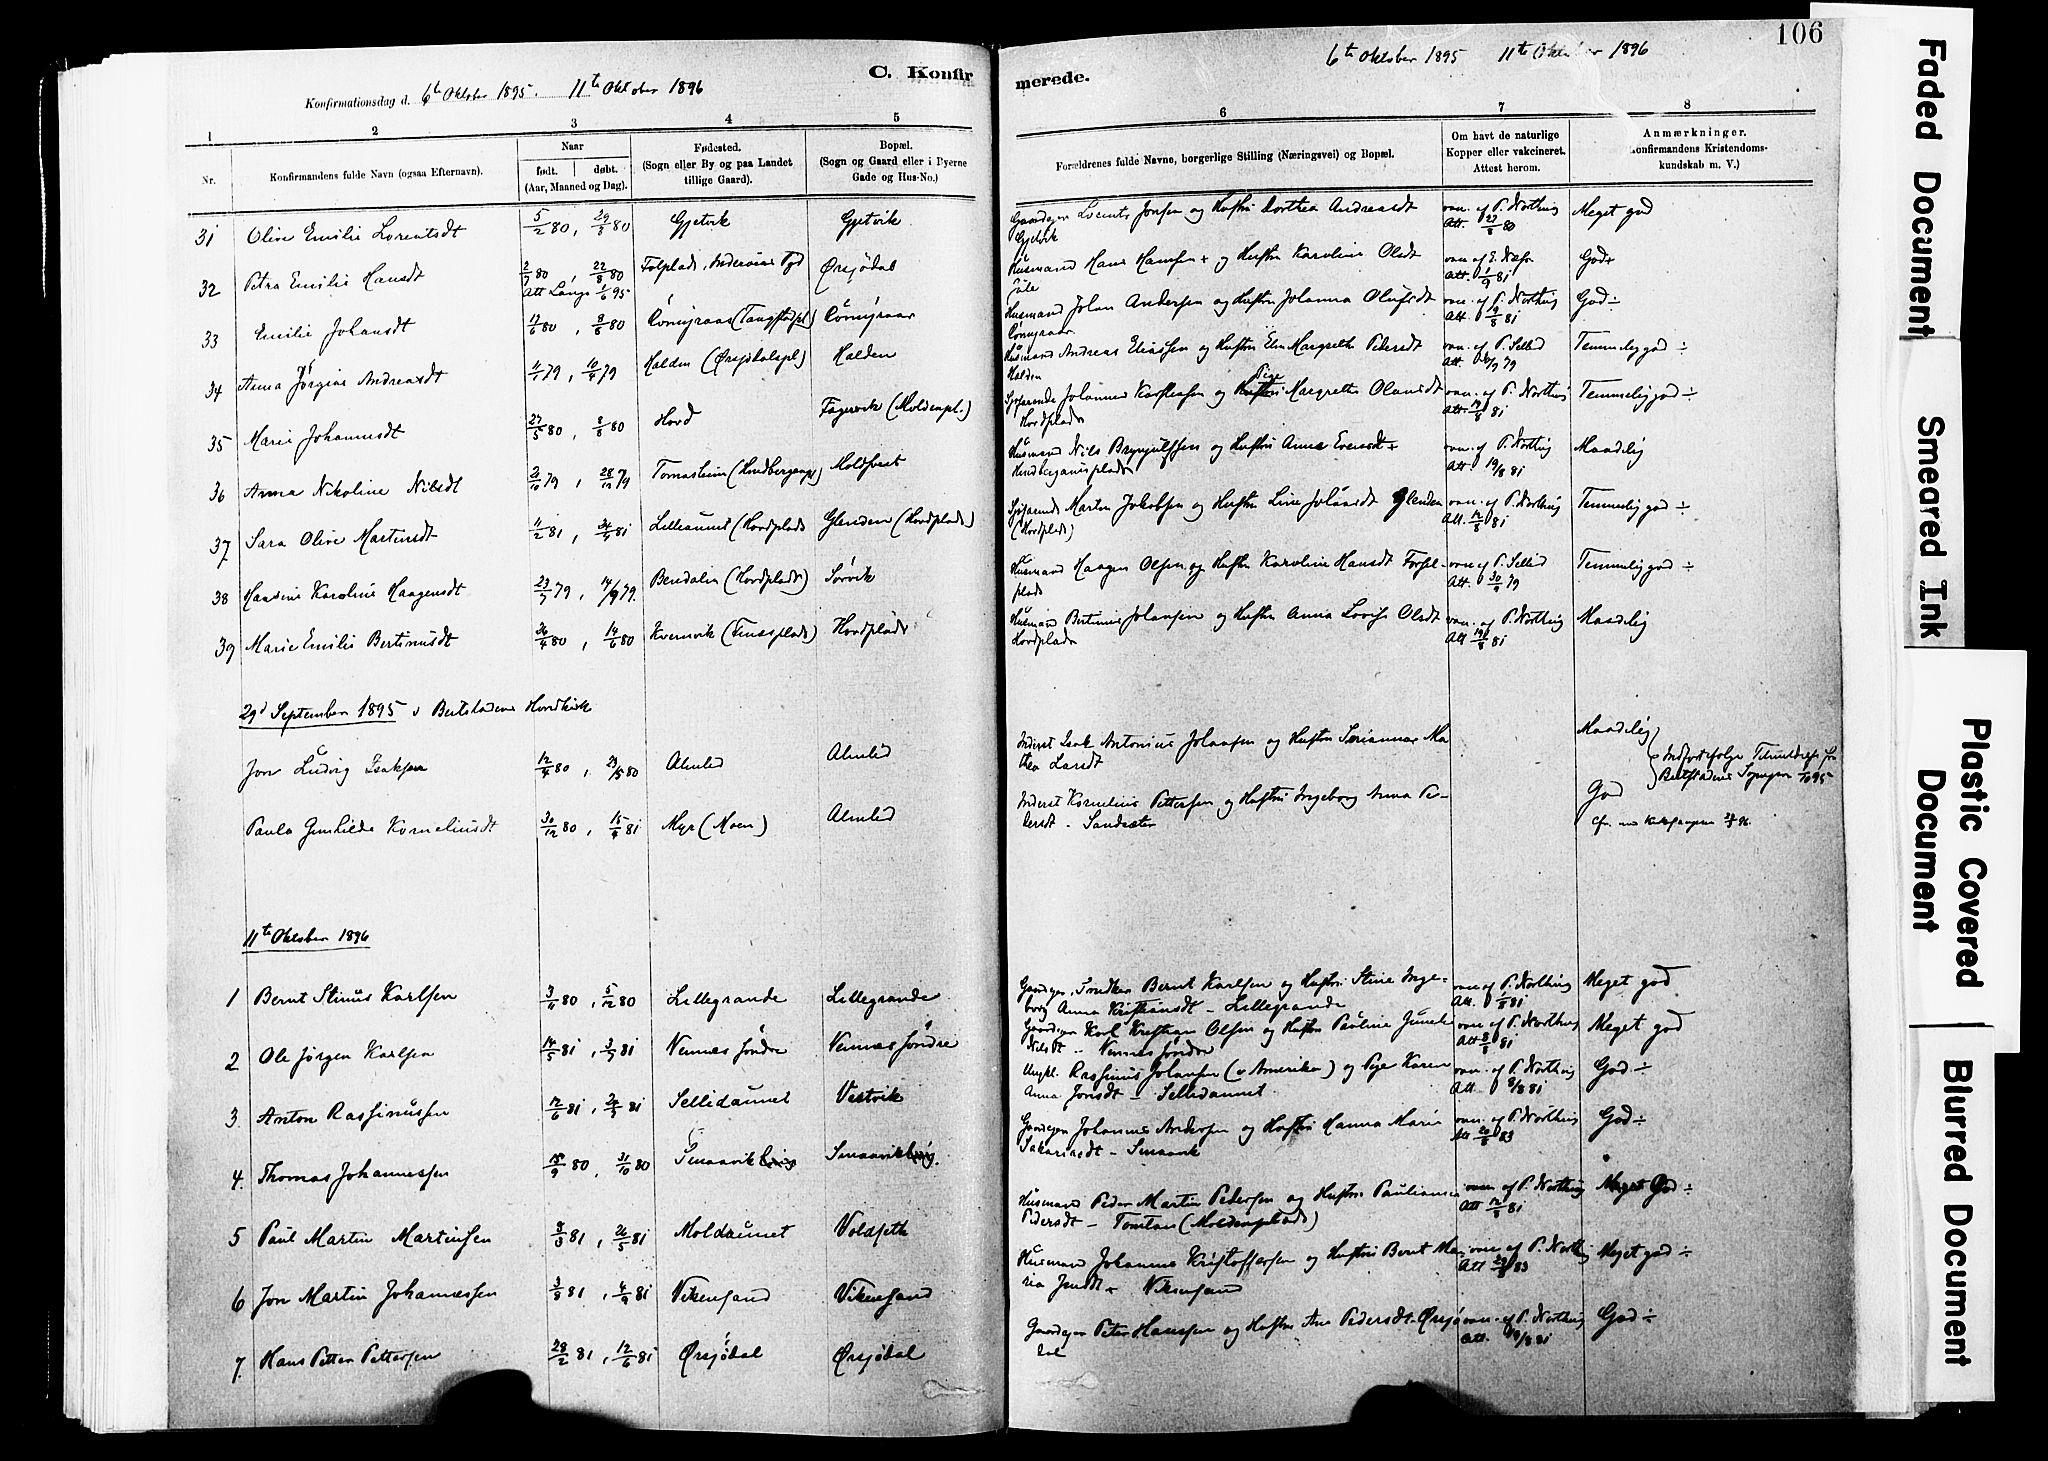 SAT, Ministerialprotokoller, klokkerbøker og fødselsregistre - Nord-Trøndelag, 744/L0420: Ministerialbok nr. 744A04, 1882-1904, s. 106